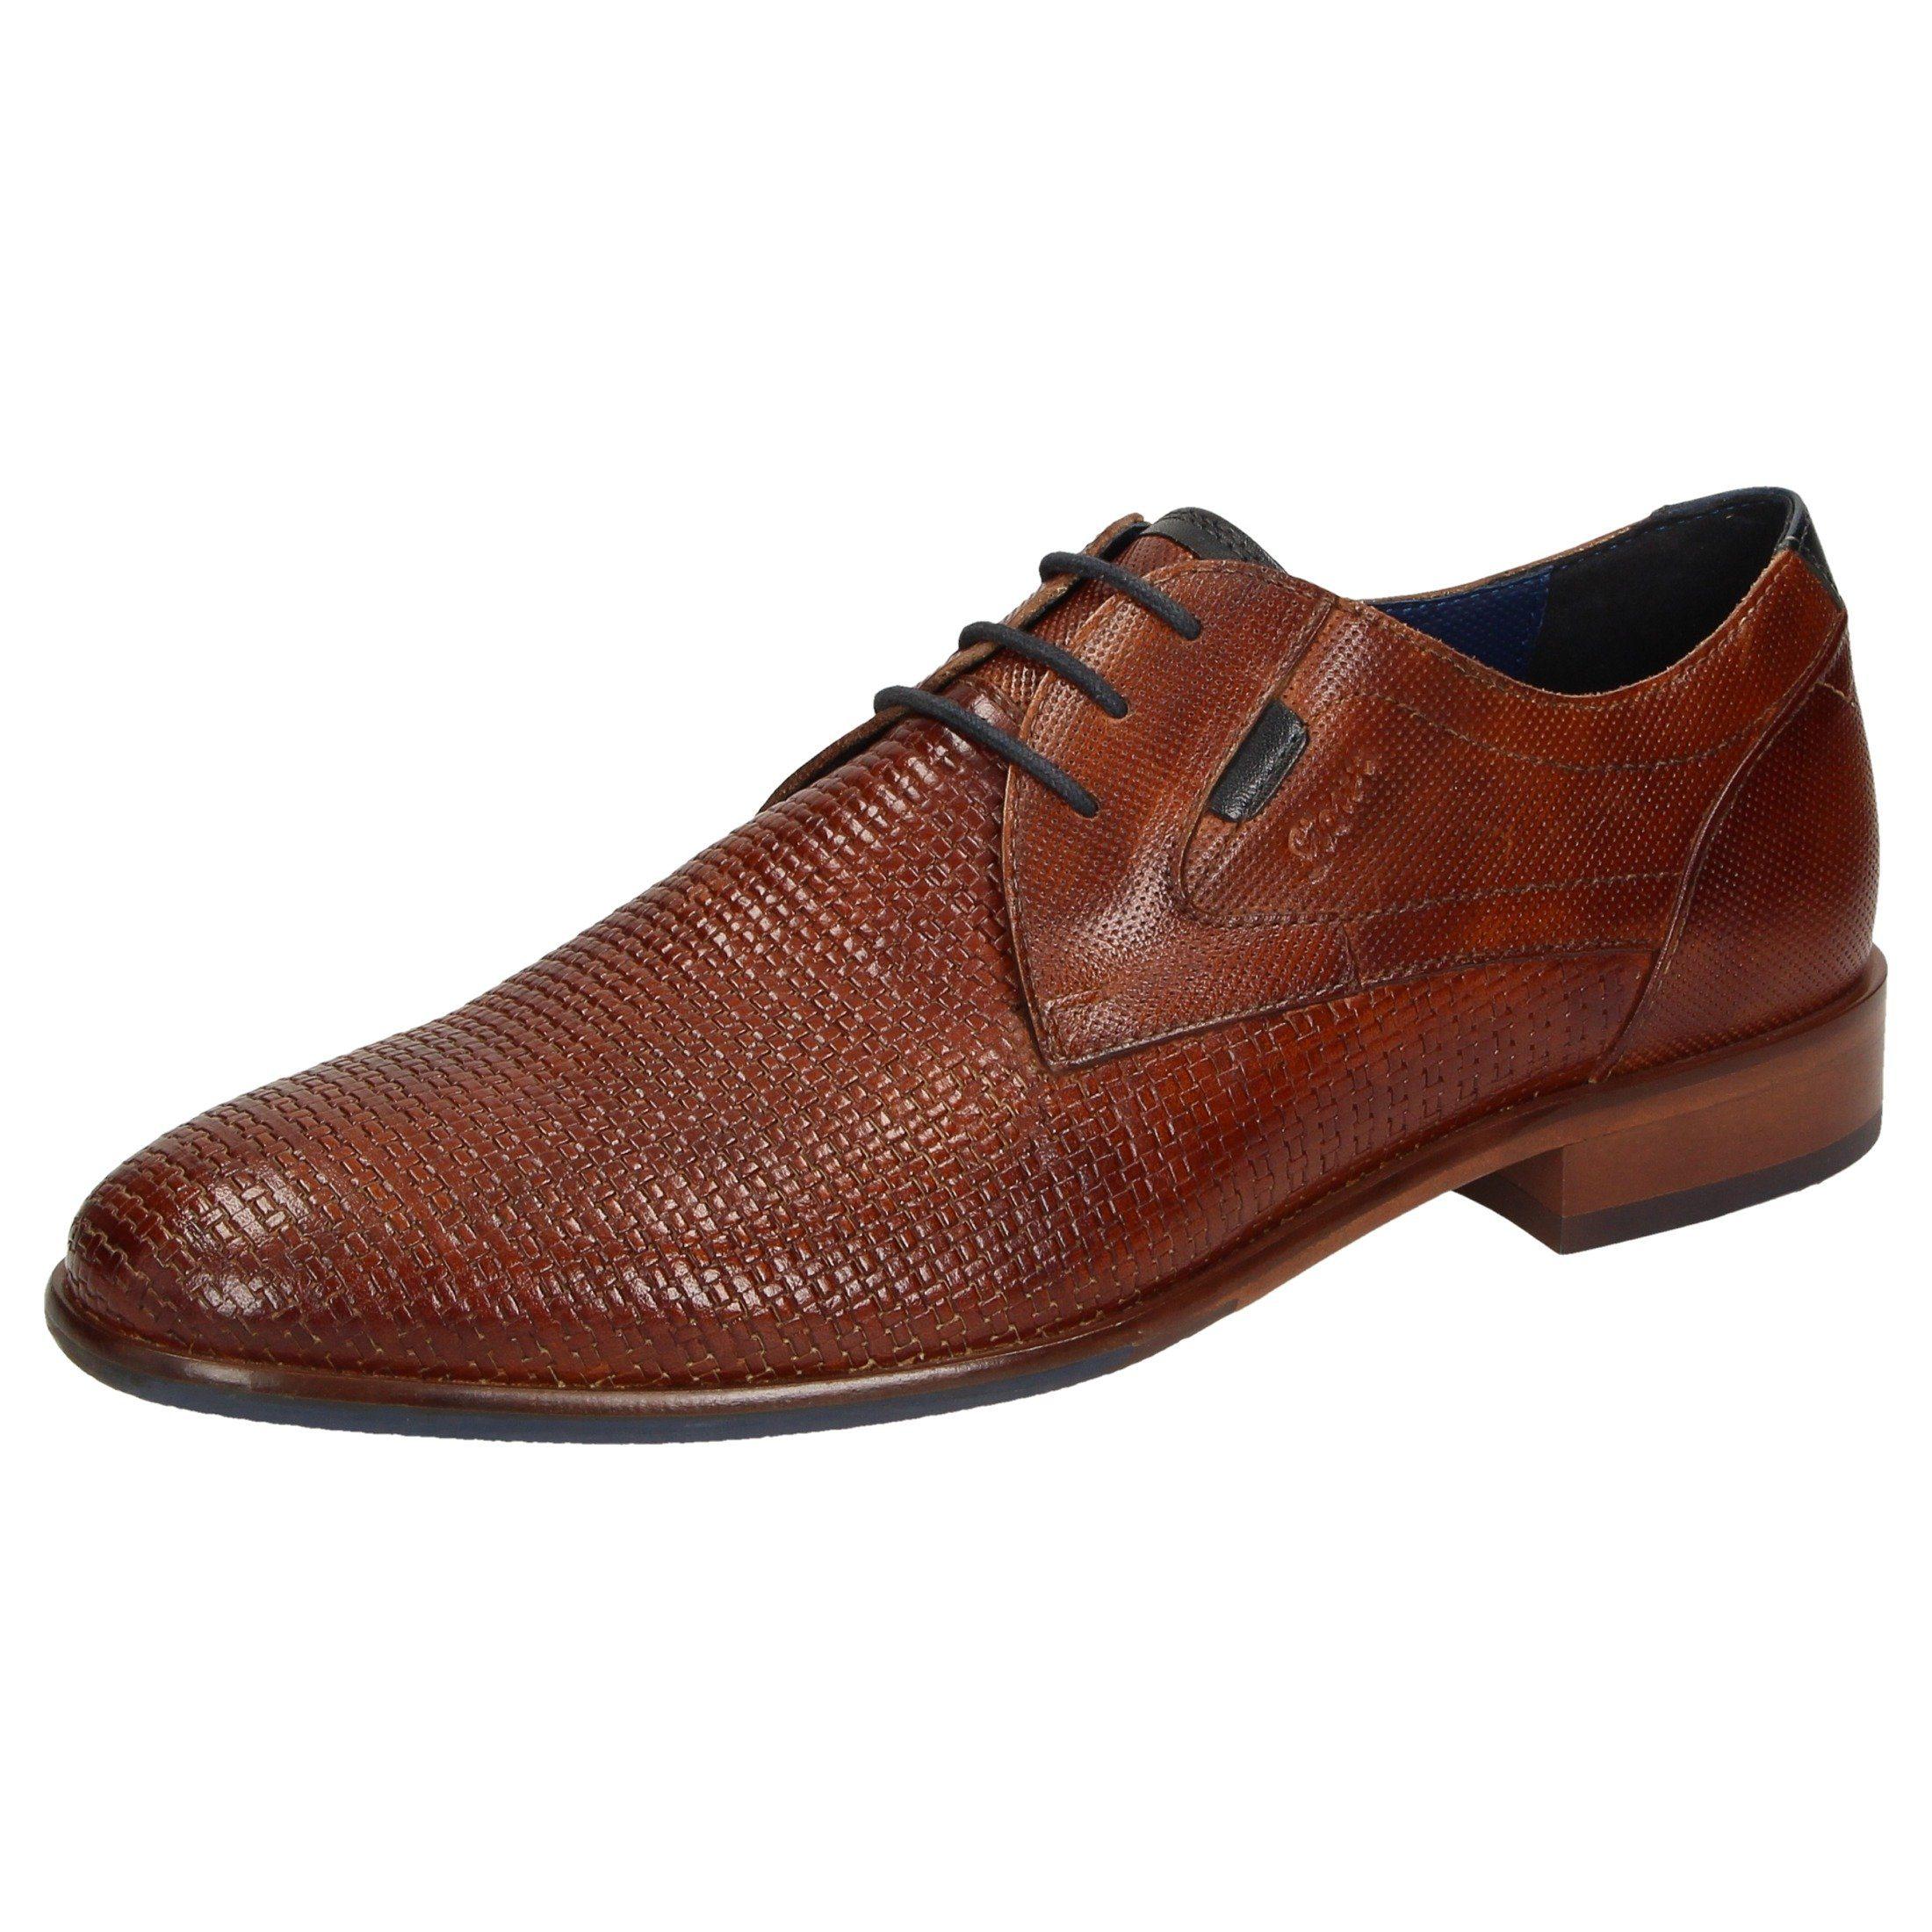 SIOUX Schnürschuh Quintero-701 | Schuhe > Schnürschuhe | Braun | Leder | Sioux